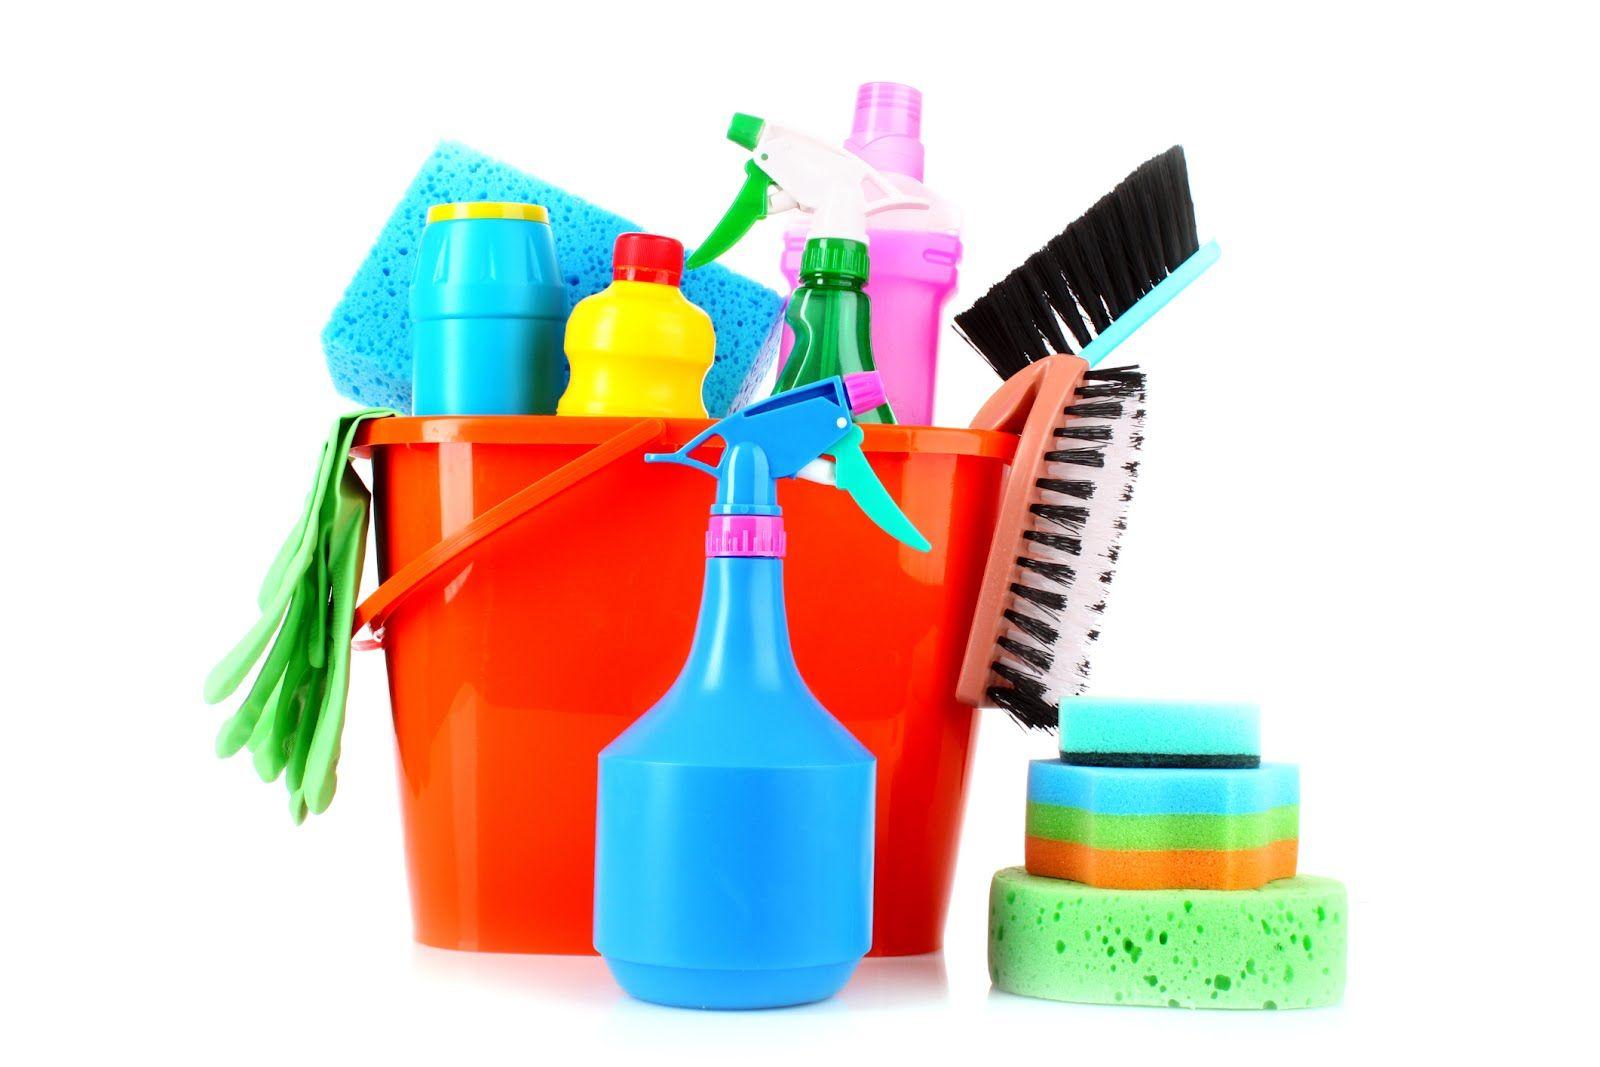 Trucos caseros de limpieza